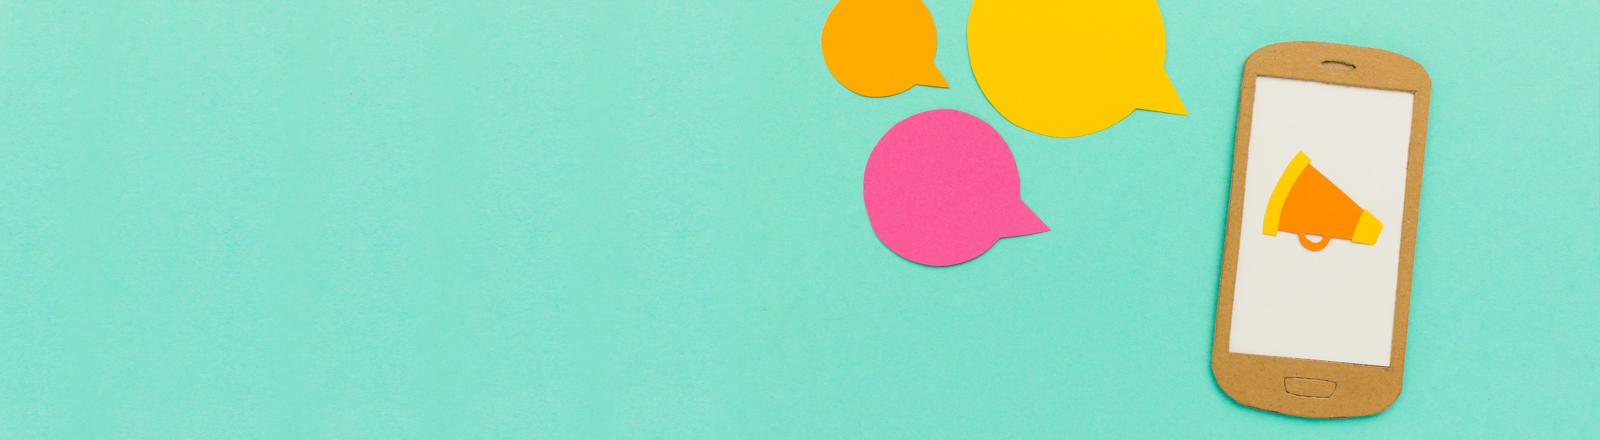 Ein Smartphone aus Papier gebastelt, darauf eine kleine Flüstertüte und Sprechblasen drumherum